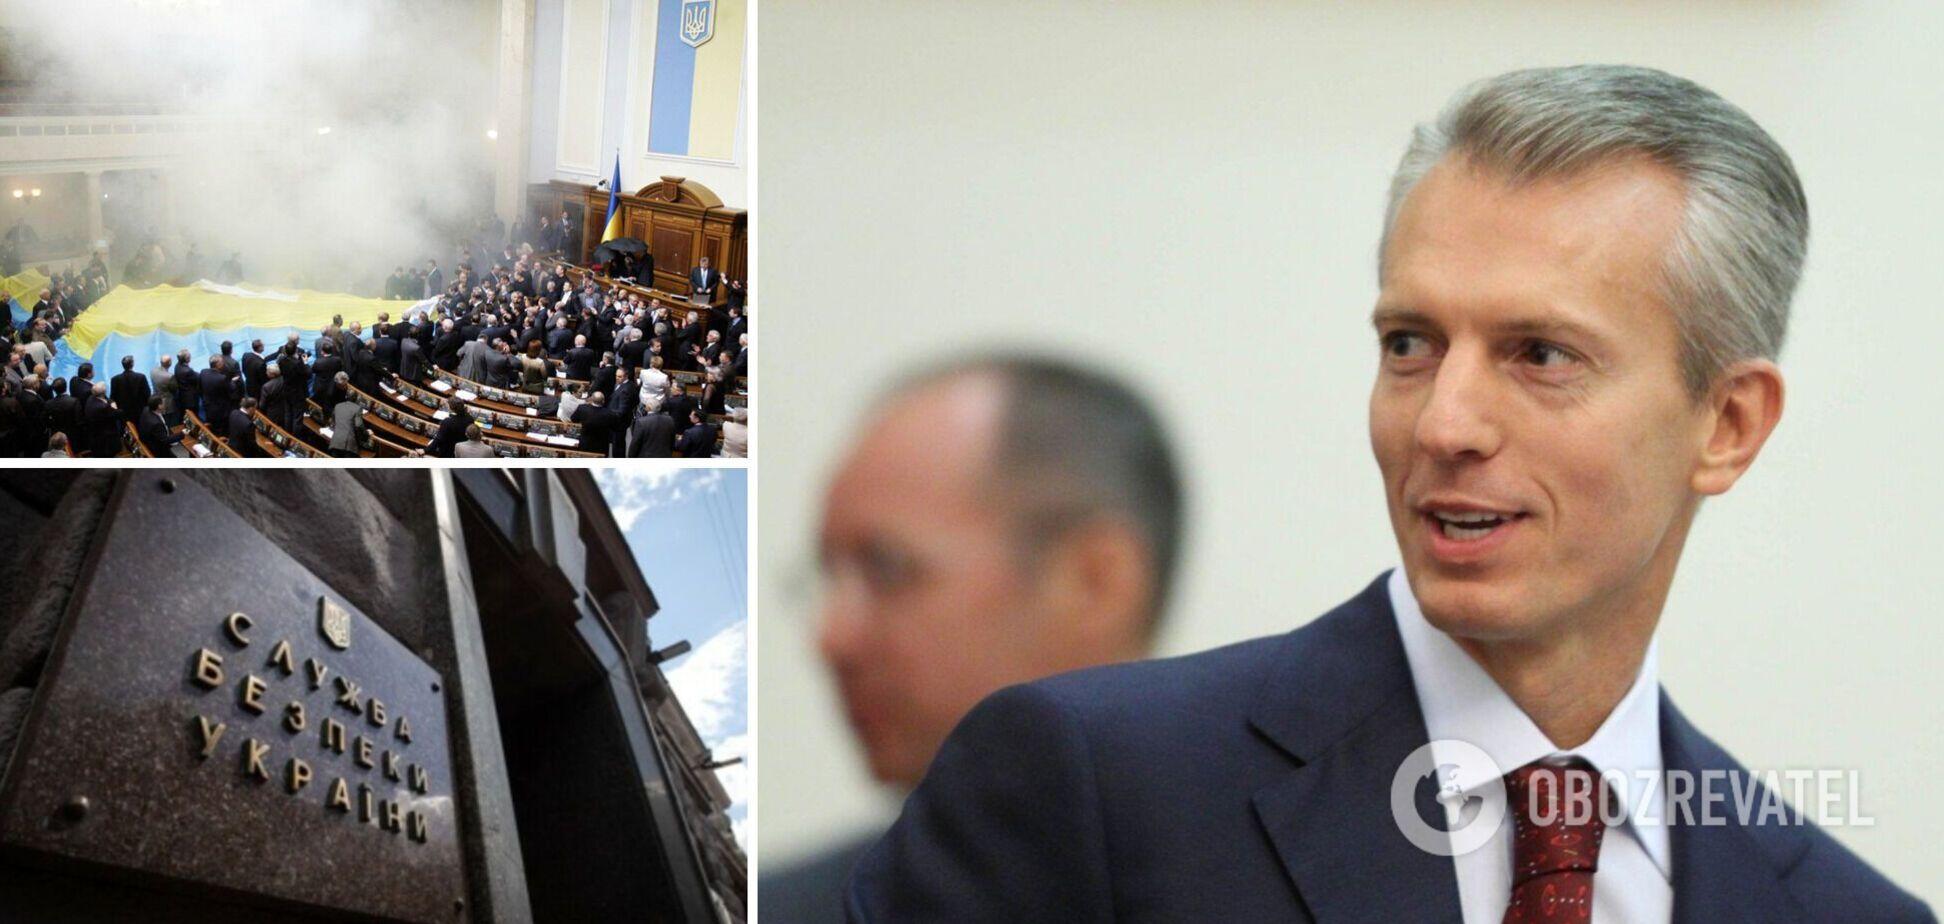 Хорошковского и экс-нардепов вызвали на допрос в СБУ по делу 'харьковских соглашений'